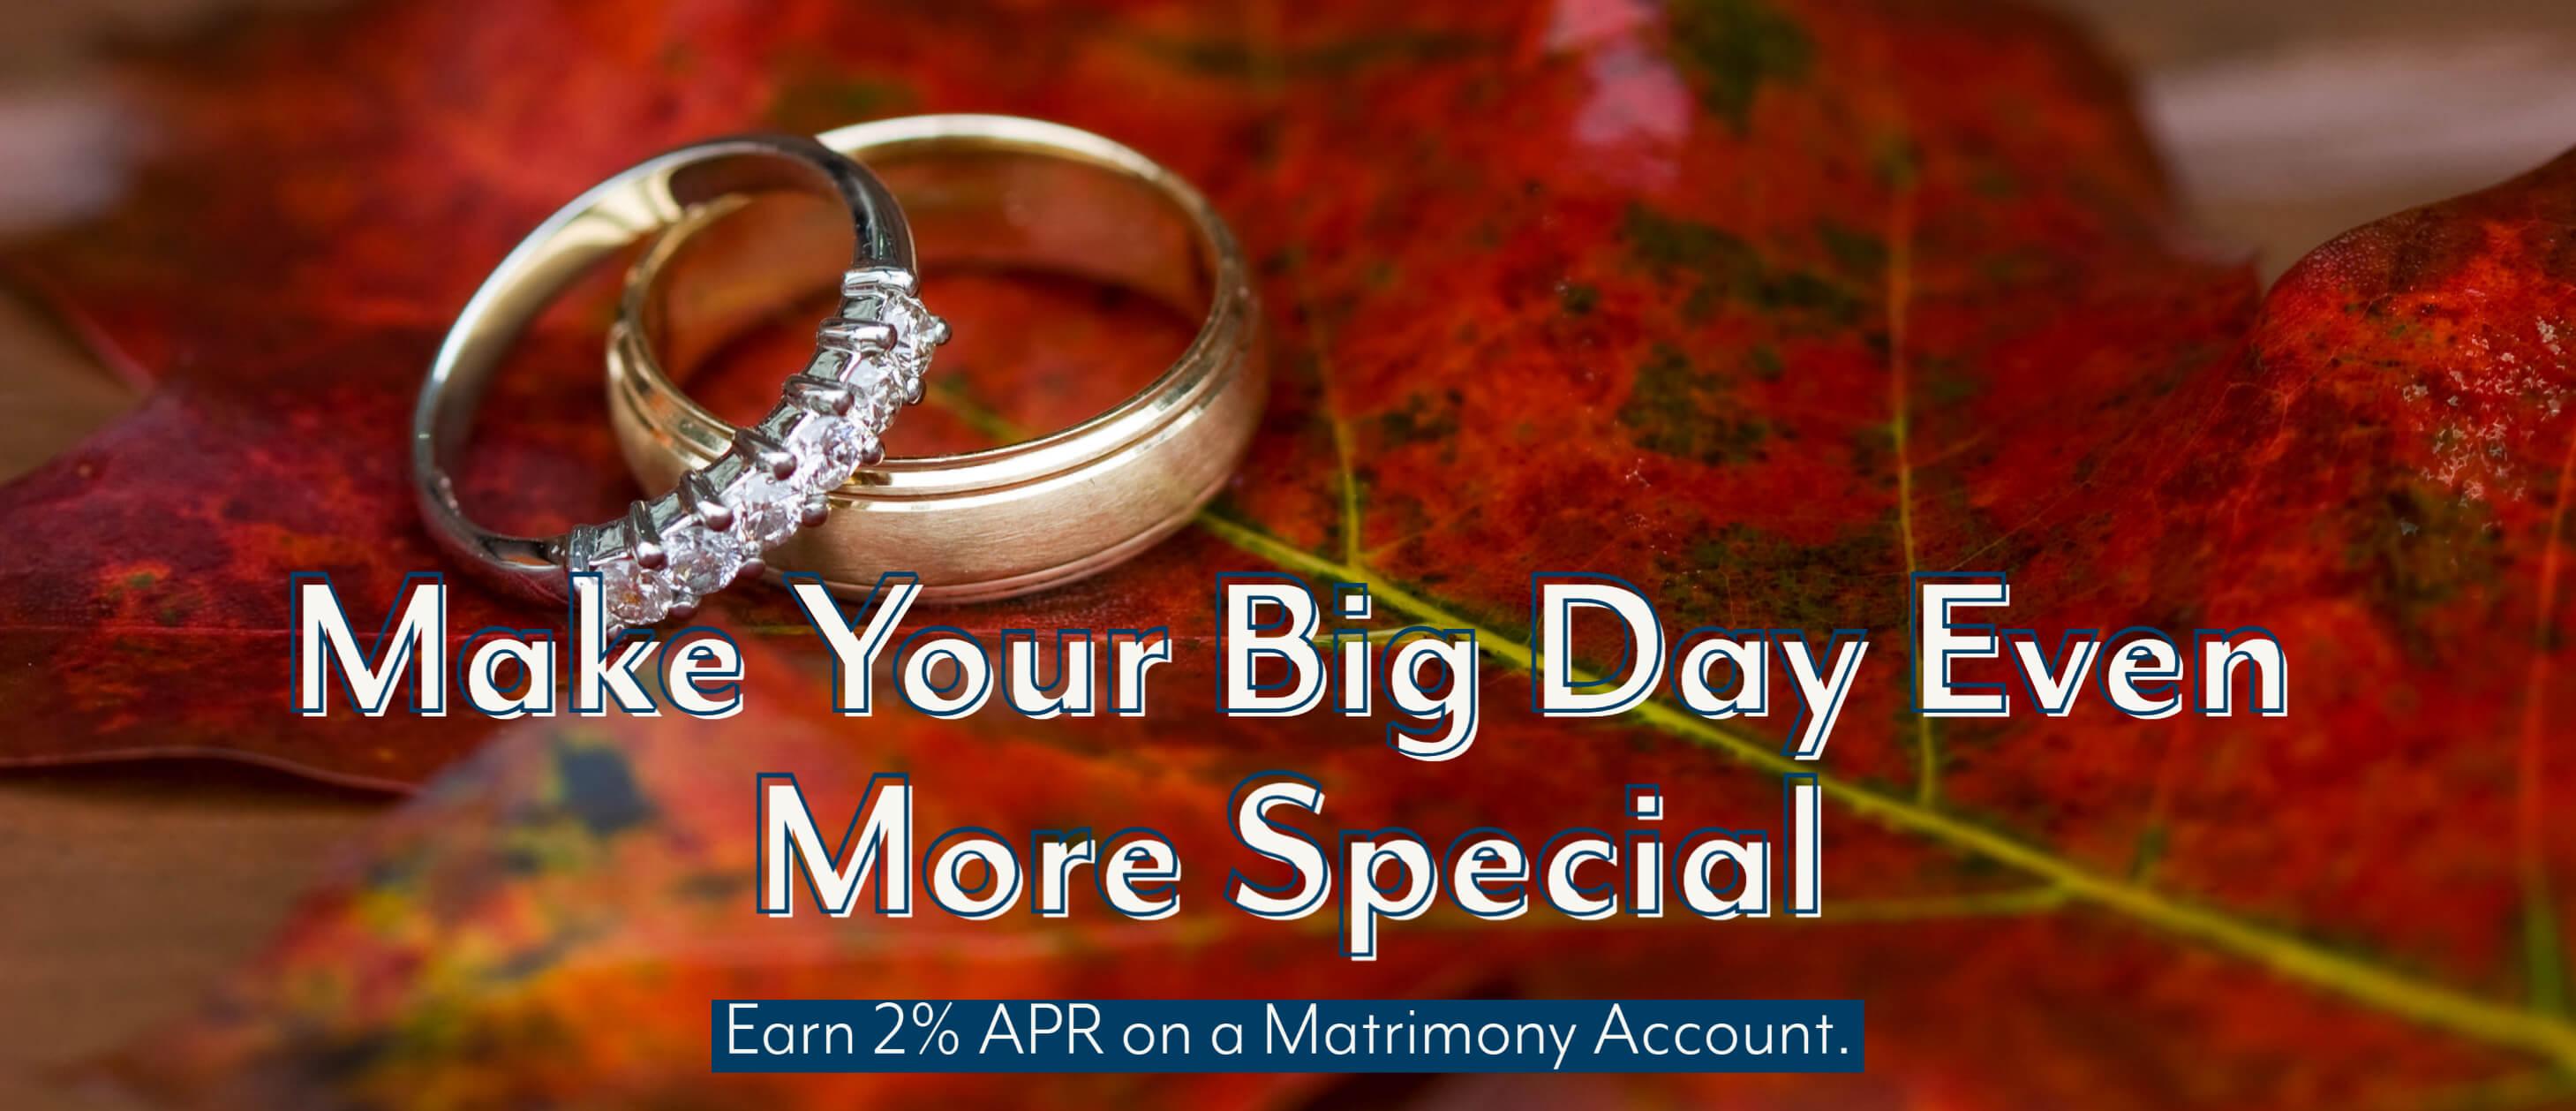 Matrimony Accounts - August